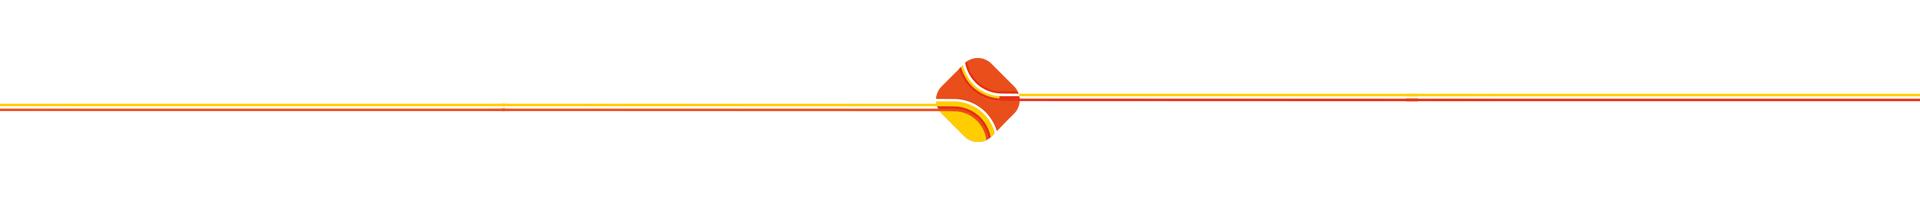 lignes de l'agglo, réseau de transport gratuit du Pays d'Aubagne et de l'Etoile - Façonéo Mobilité